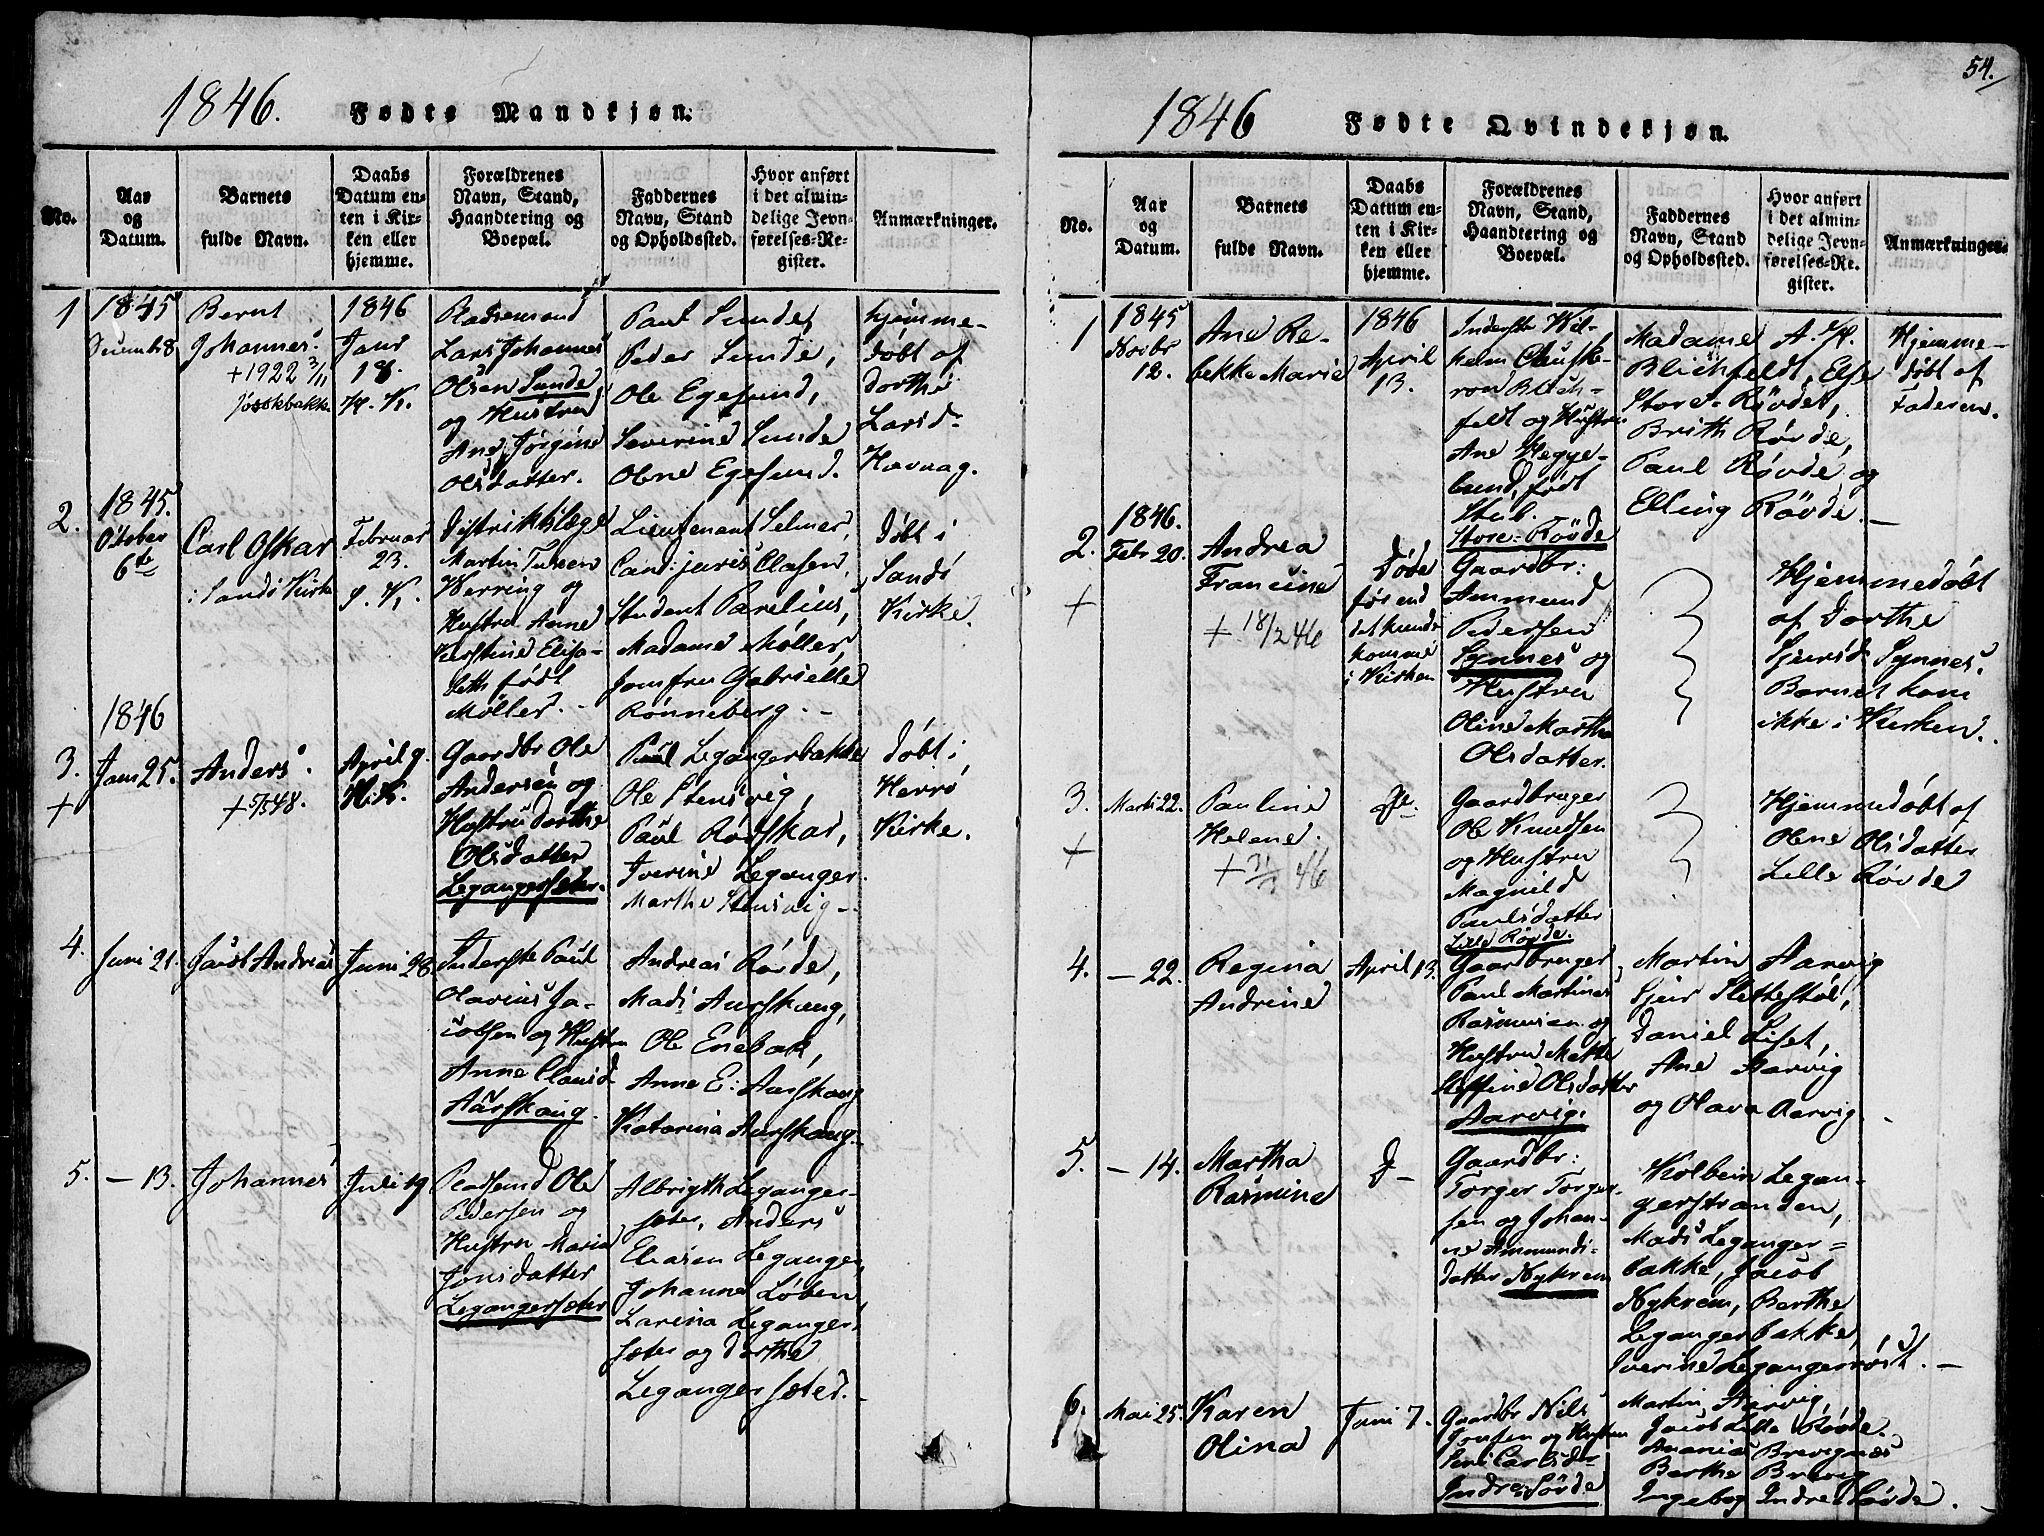 SAT, Ministerialprotokoller, klokkerbøker og fødselsregistre - Møre og Romsdal, 504/L0054: Ministerialbok nr. 504A01, 1816-1861, s. 54